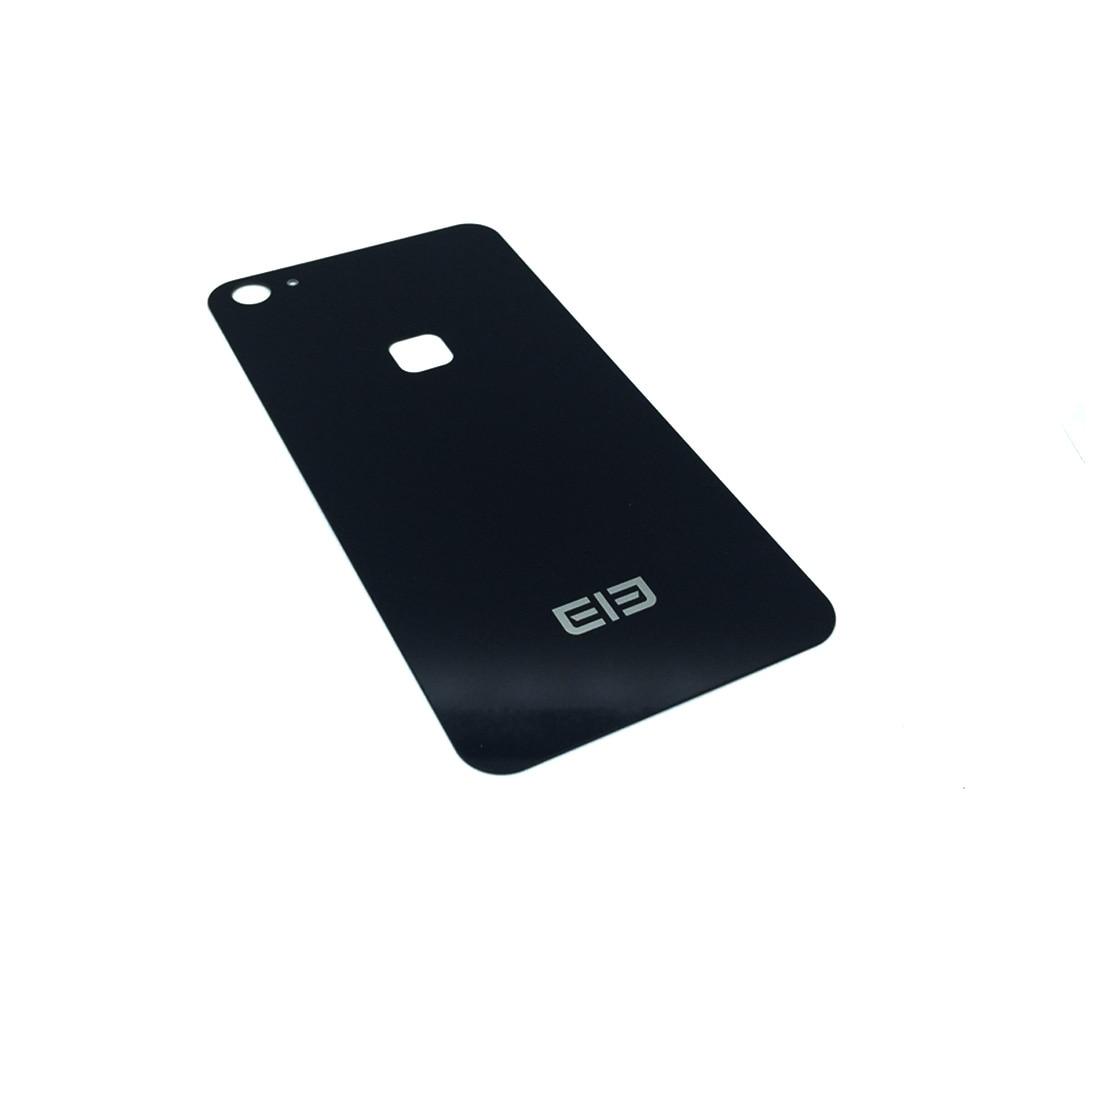 bilder für Elefon S1 Batterie Abdeckung 100% Original Glasbatterie-abdeckung Zurück Fall für Elefon S1 Smartphone Kostenloser Versand